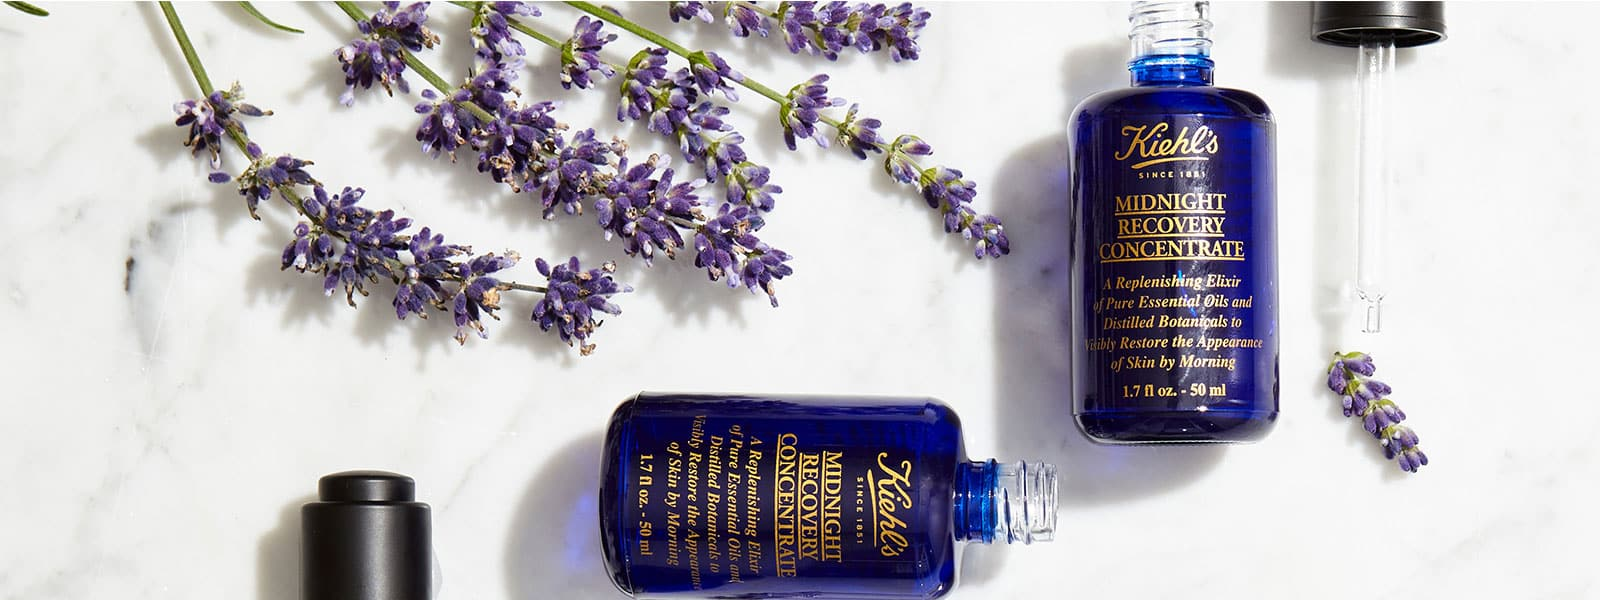 Découverte beauté : Kiehl's cosmétiques naturels